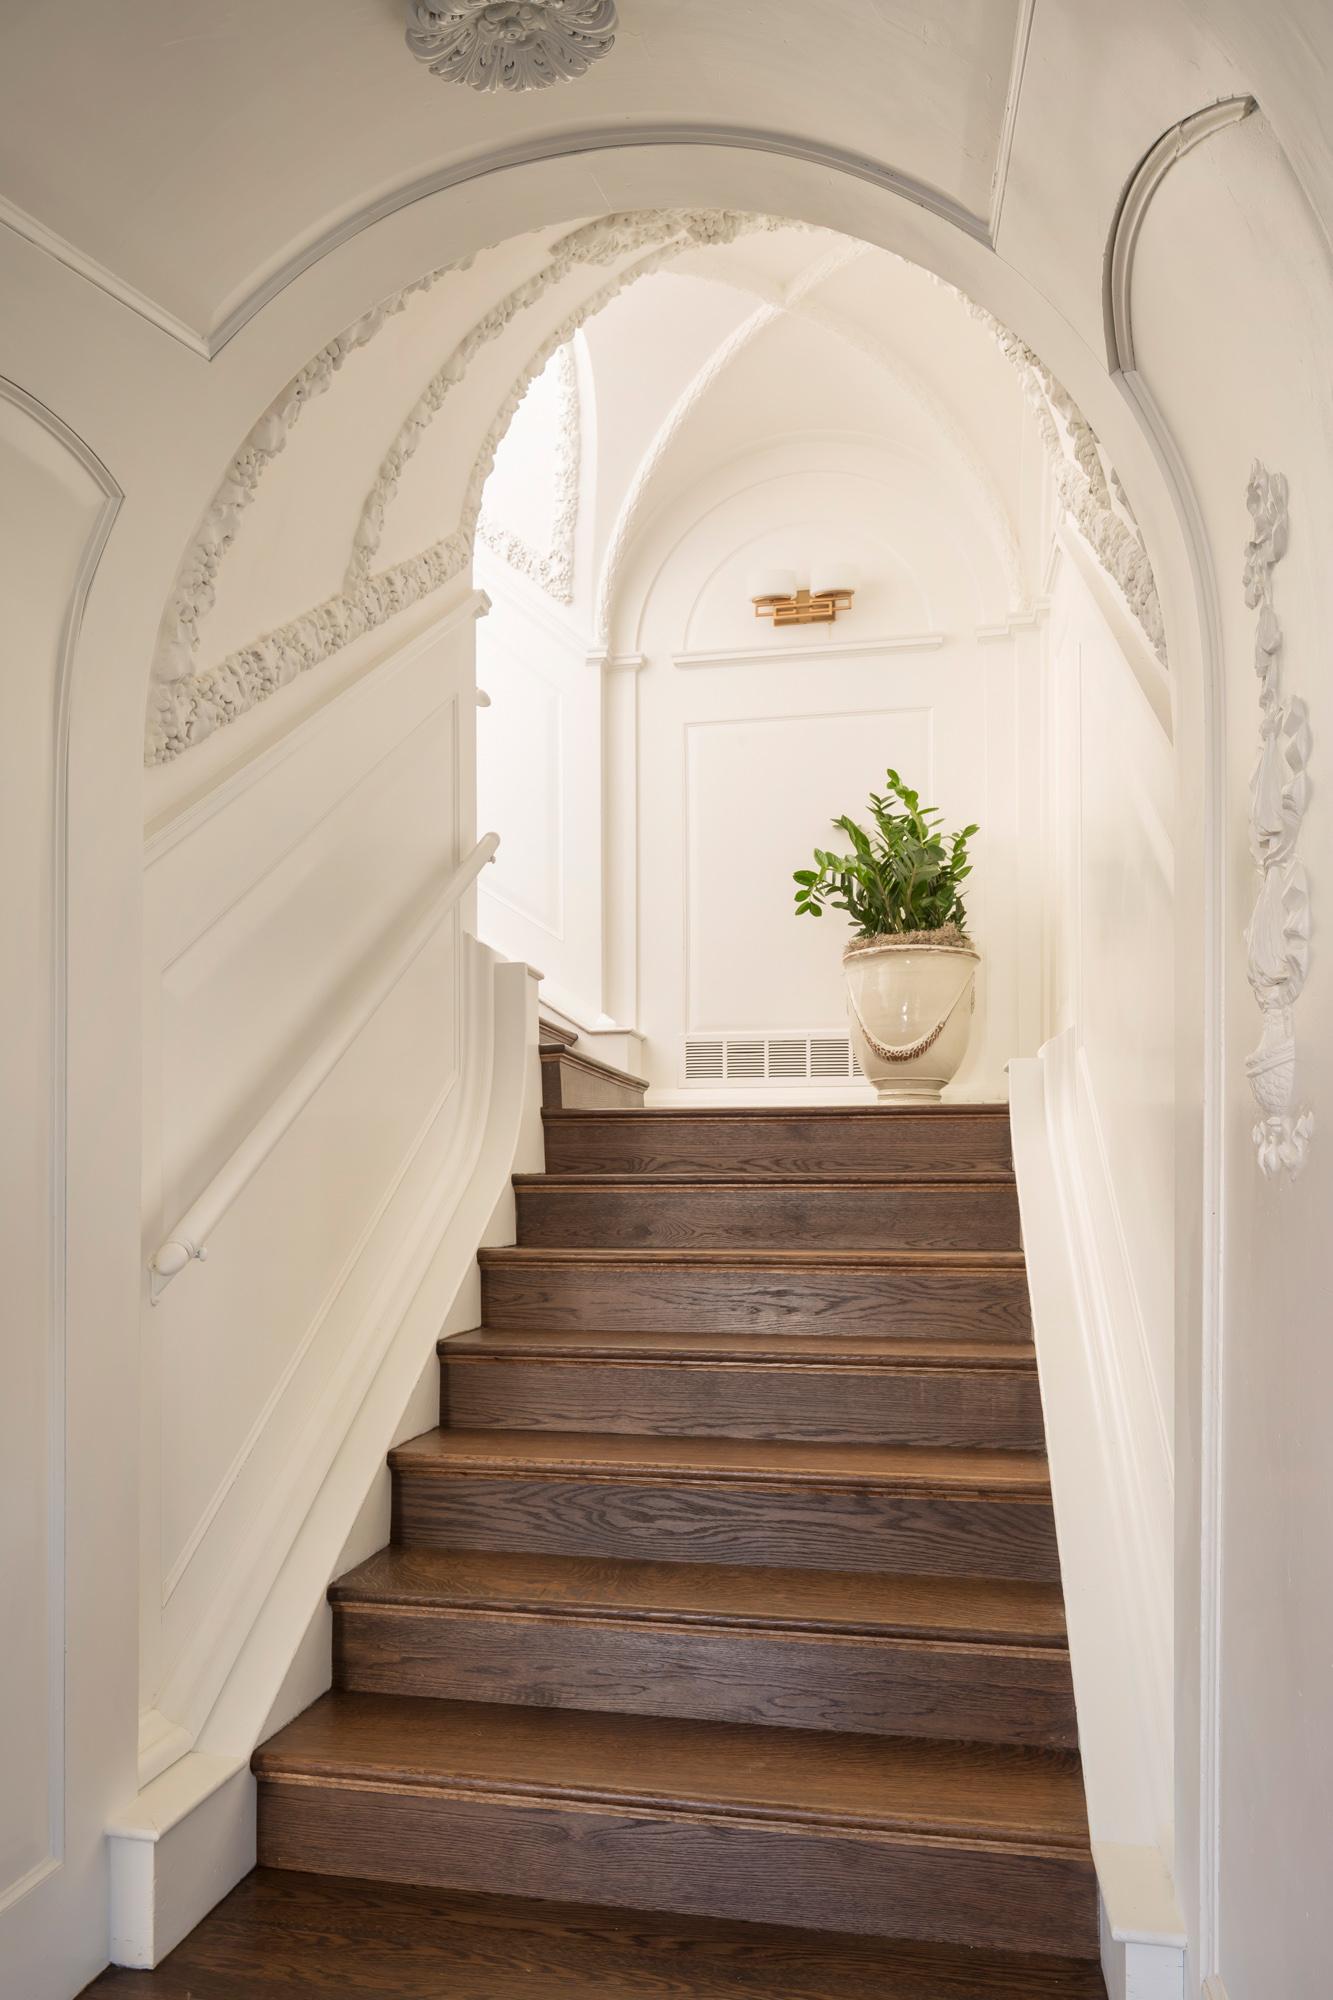 Entry_Stairway_1799.jpg